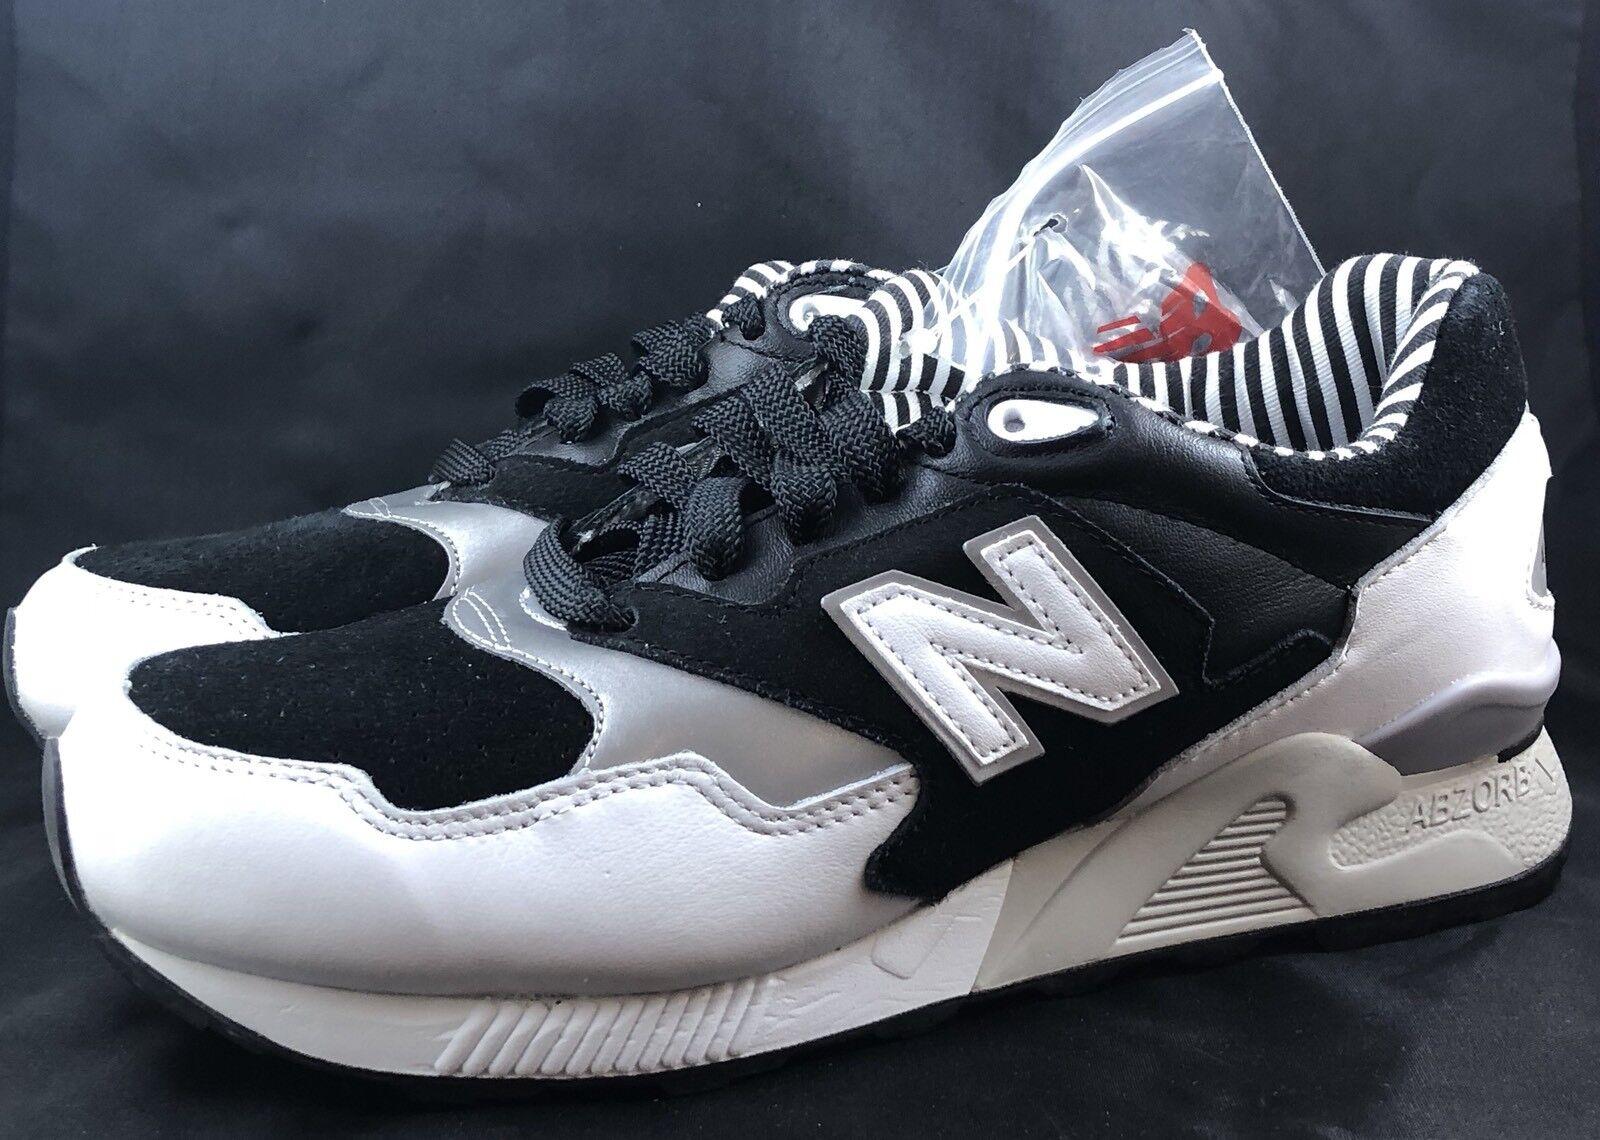 New Balance 878 SZ 7 ML878NPA Prep Blanc Noir Concrete Concrete Noir 8e984e